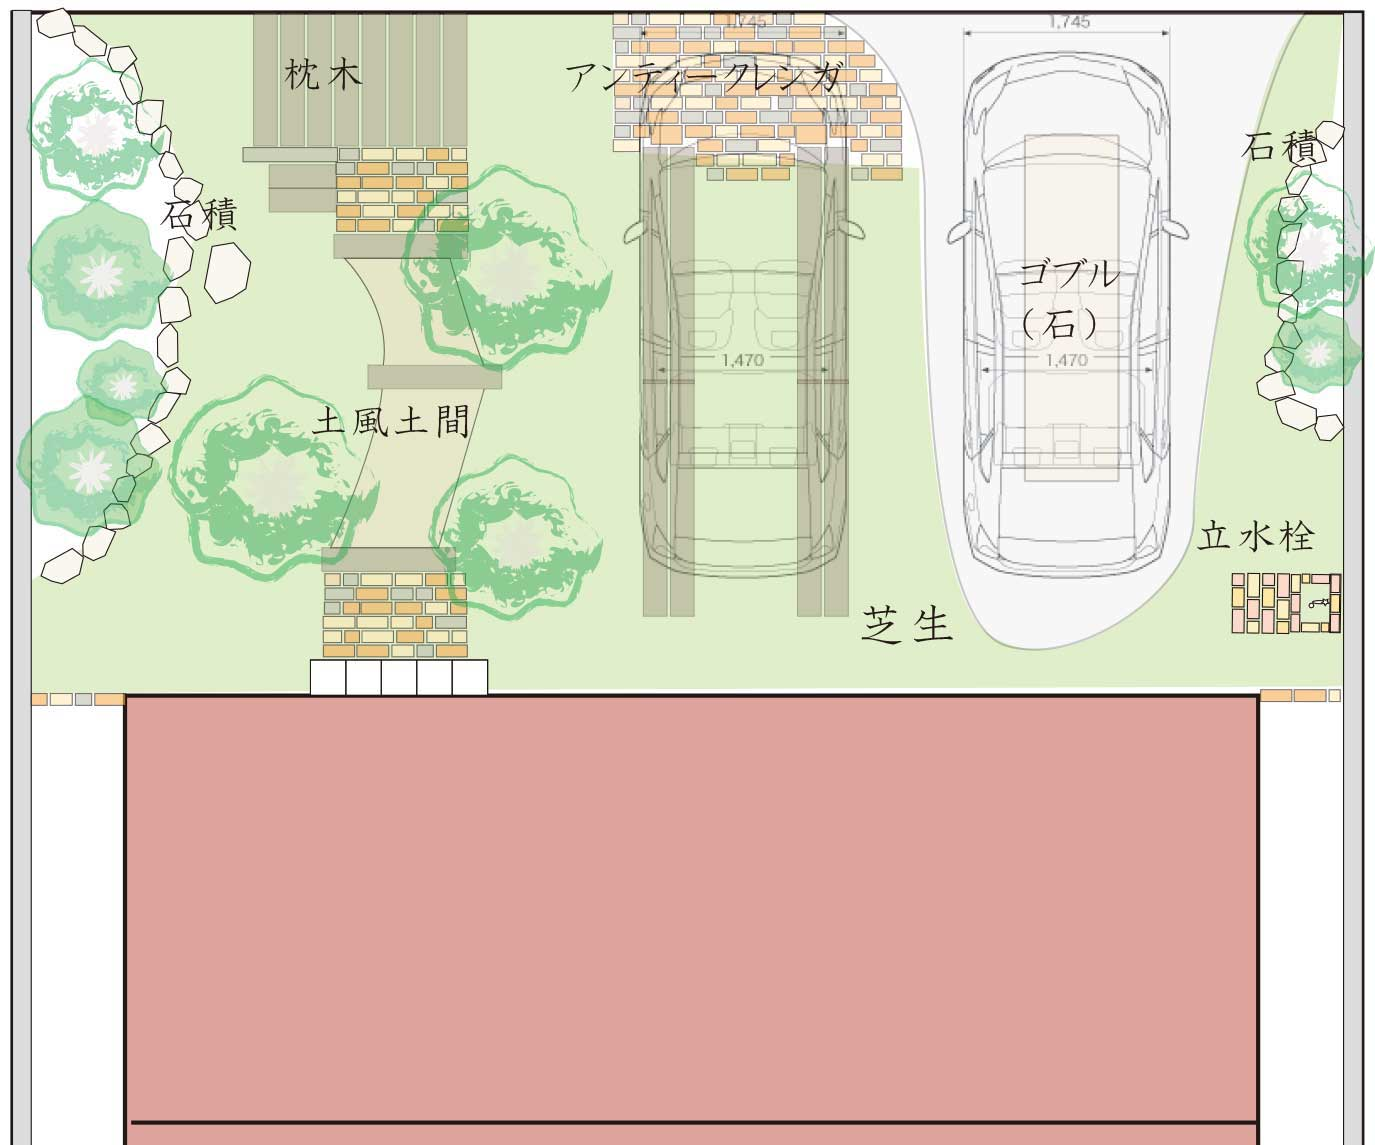 ナチュラルなデザインの駐車場